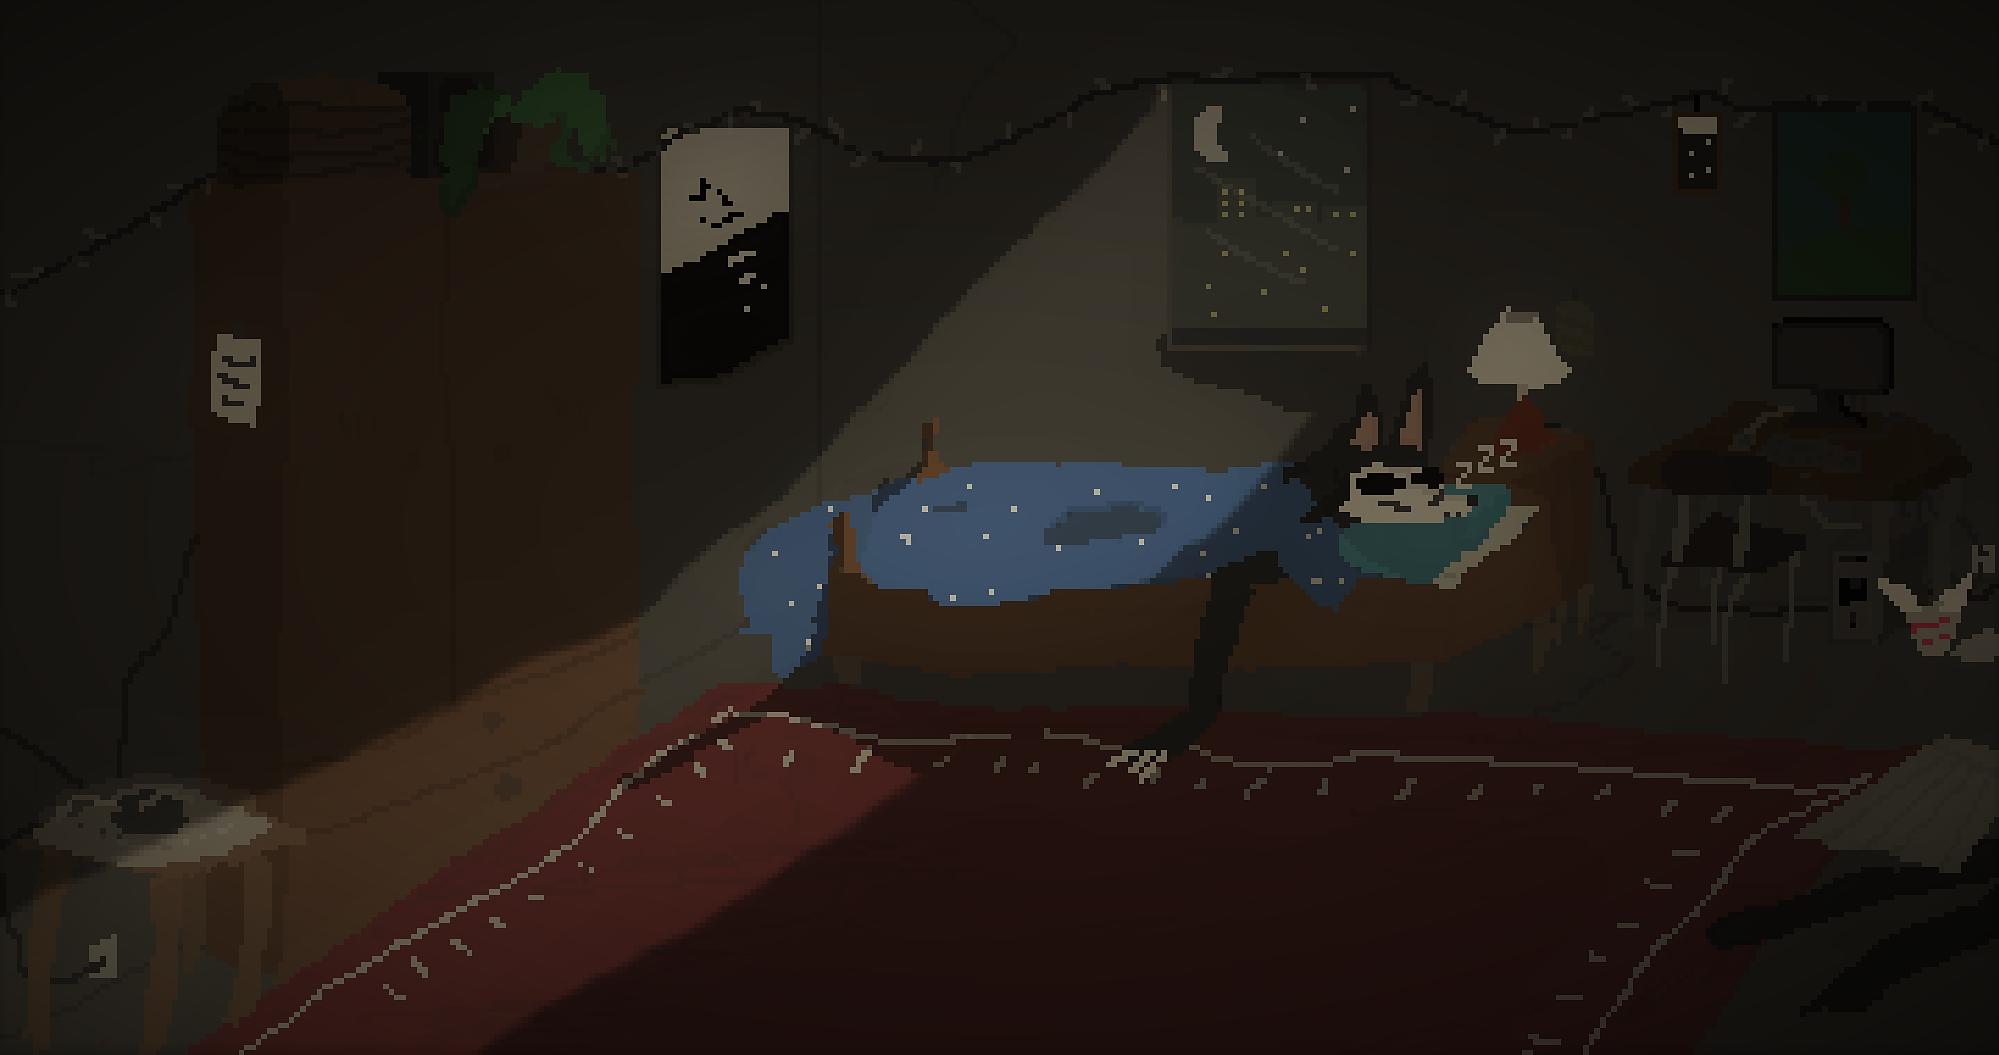 Sleeping mal0